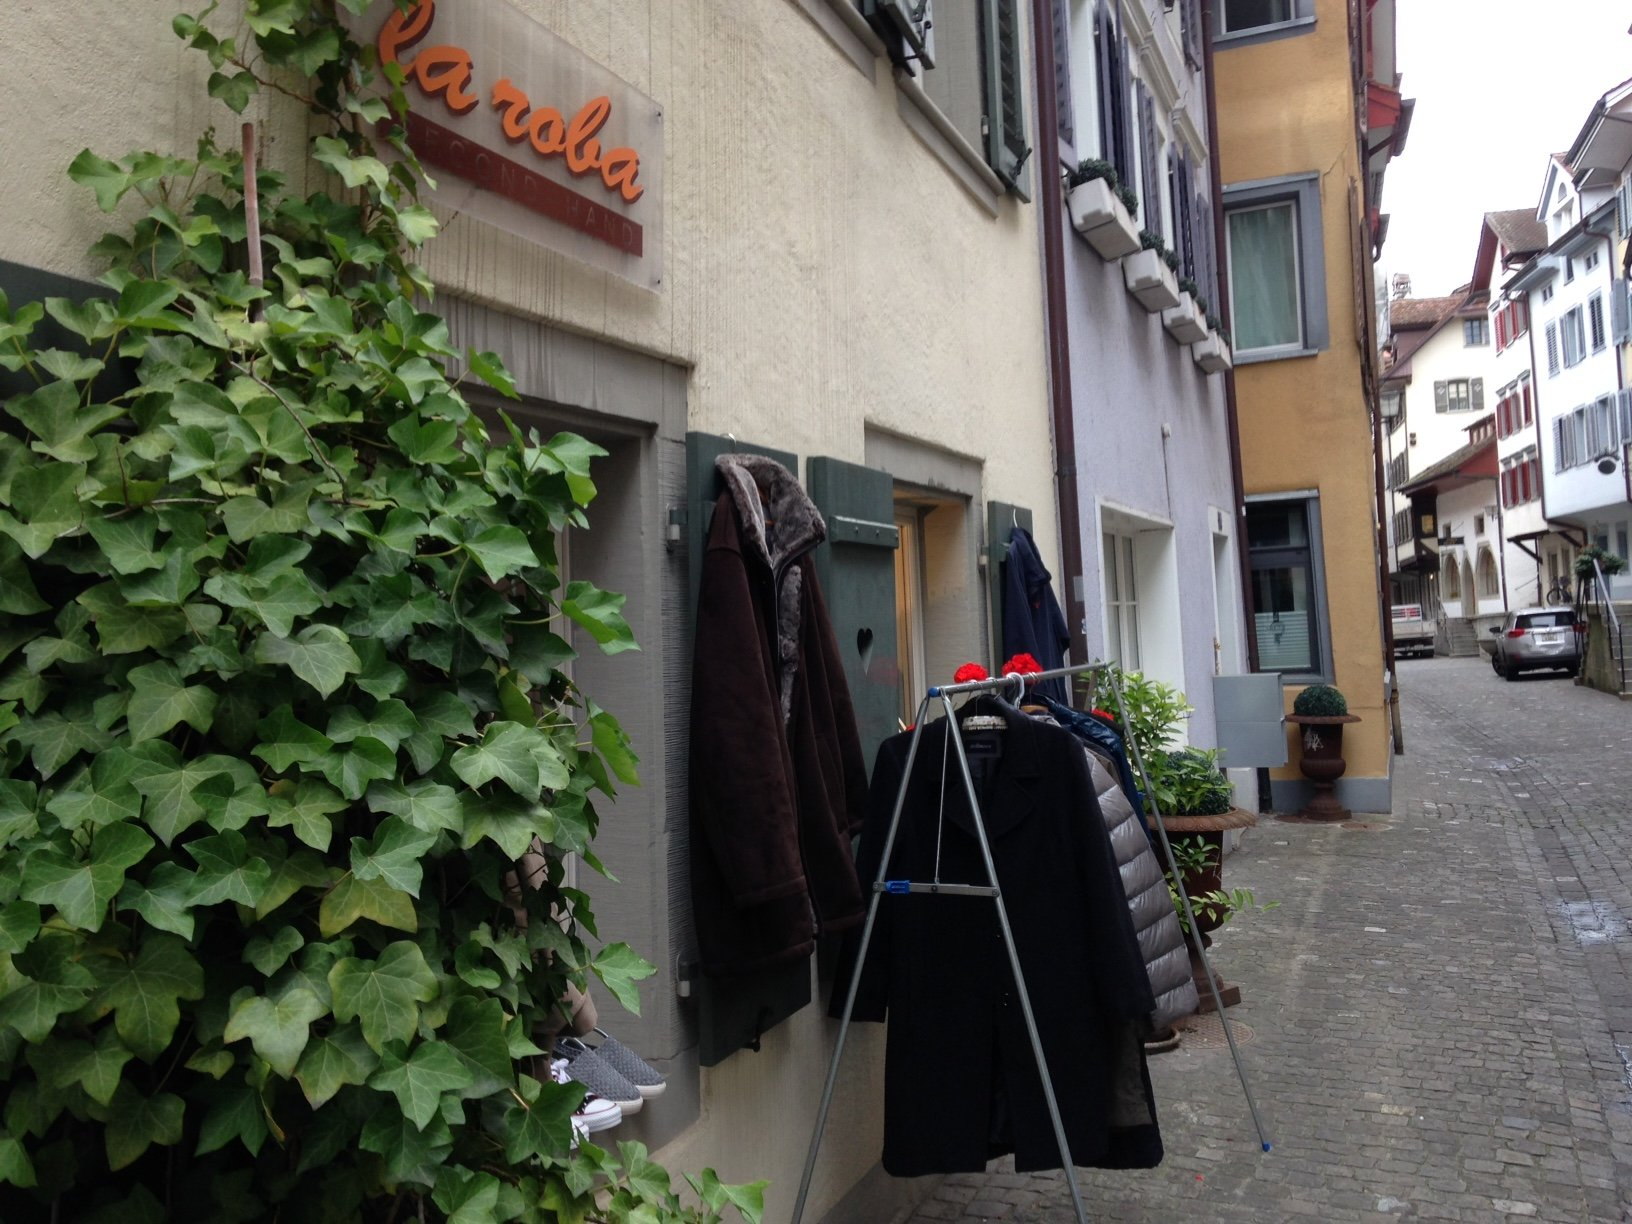 La Roba, der Secondhand-Laden mitten in der Zuger Altstadt punktet insbesondere mit seinem Charme. (Bild: zentralplus/bas)